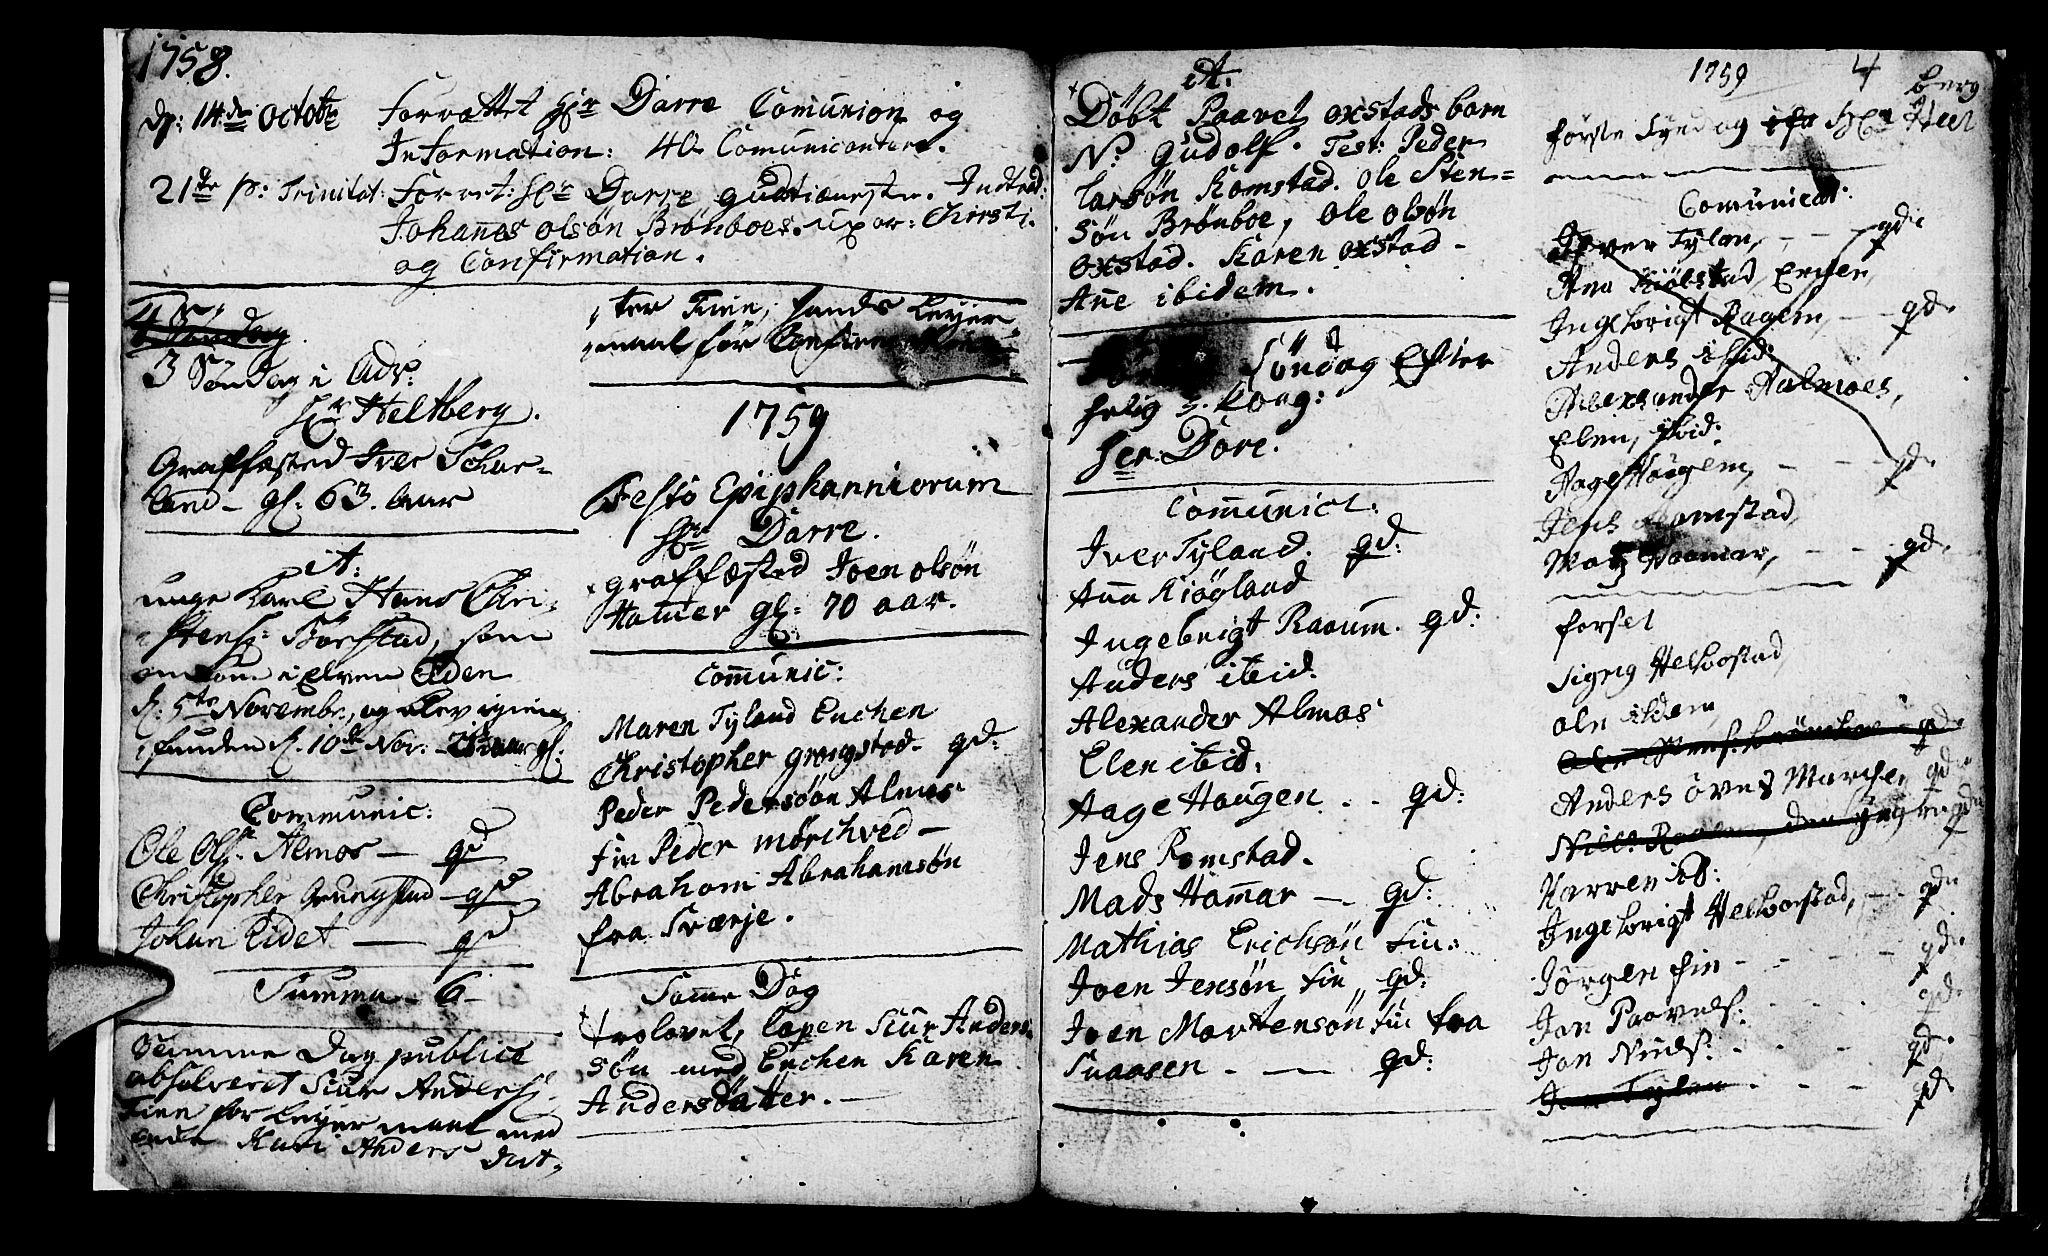 SAT, Ministerialprotokoller, klokkerbøker og fødselsregistre - Nord-Trøndelag, 765/L0561: Ministerialbok nr. 765A02, 1758-1765, s. 4